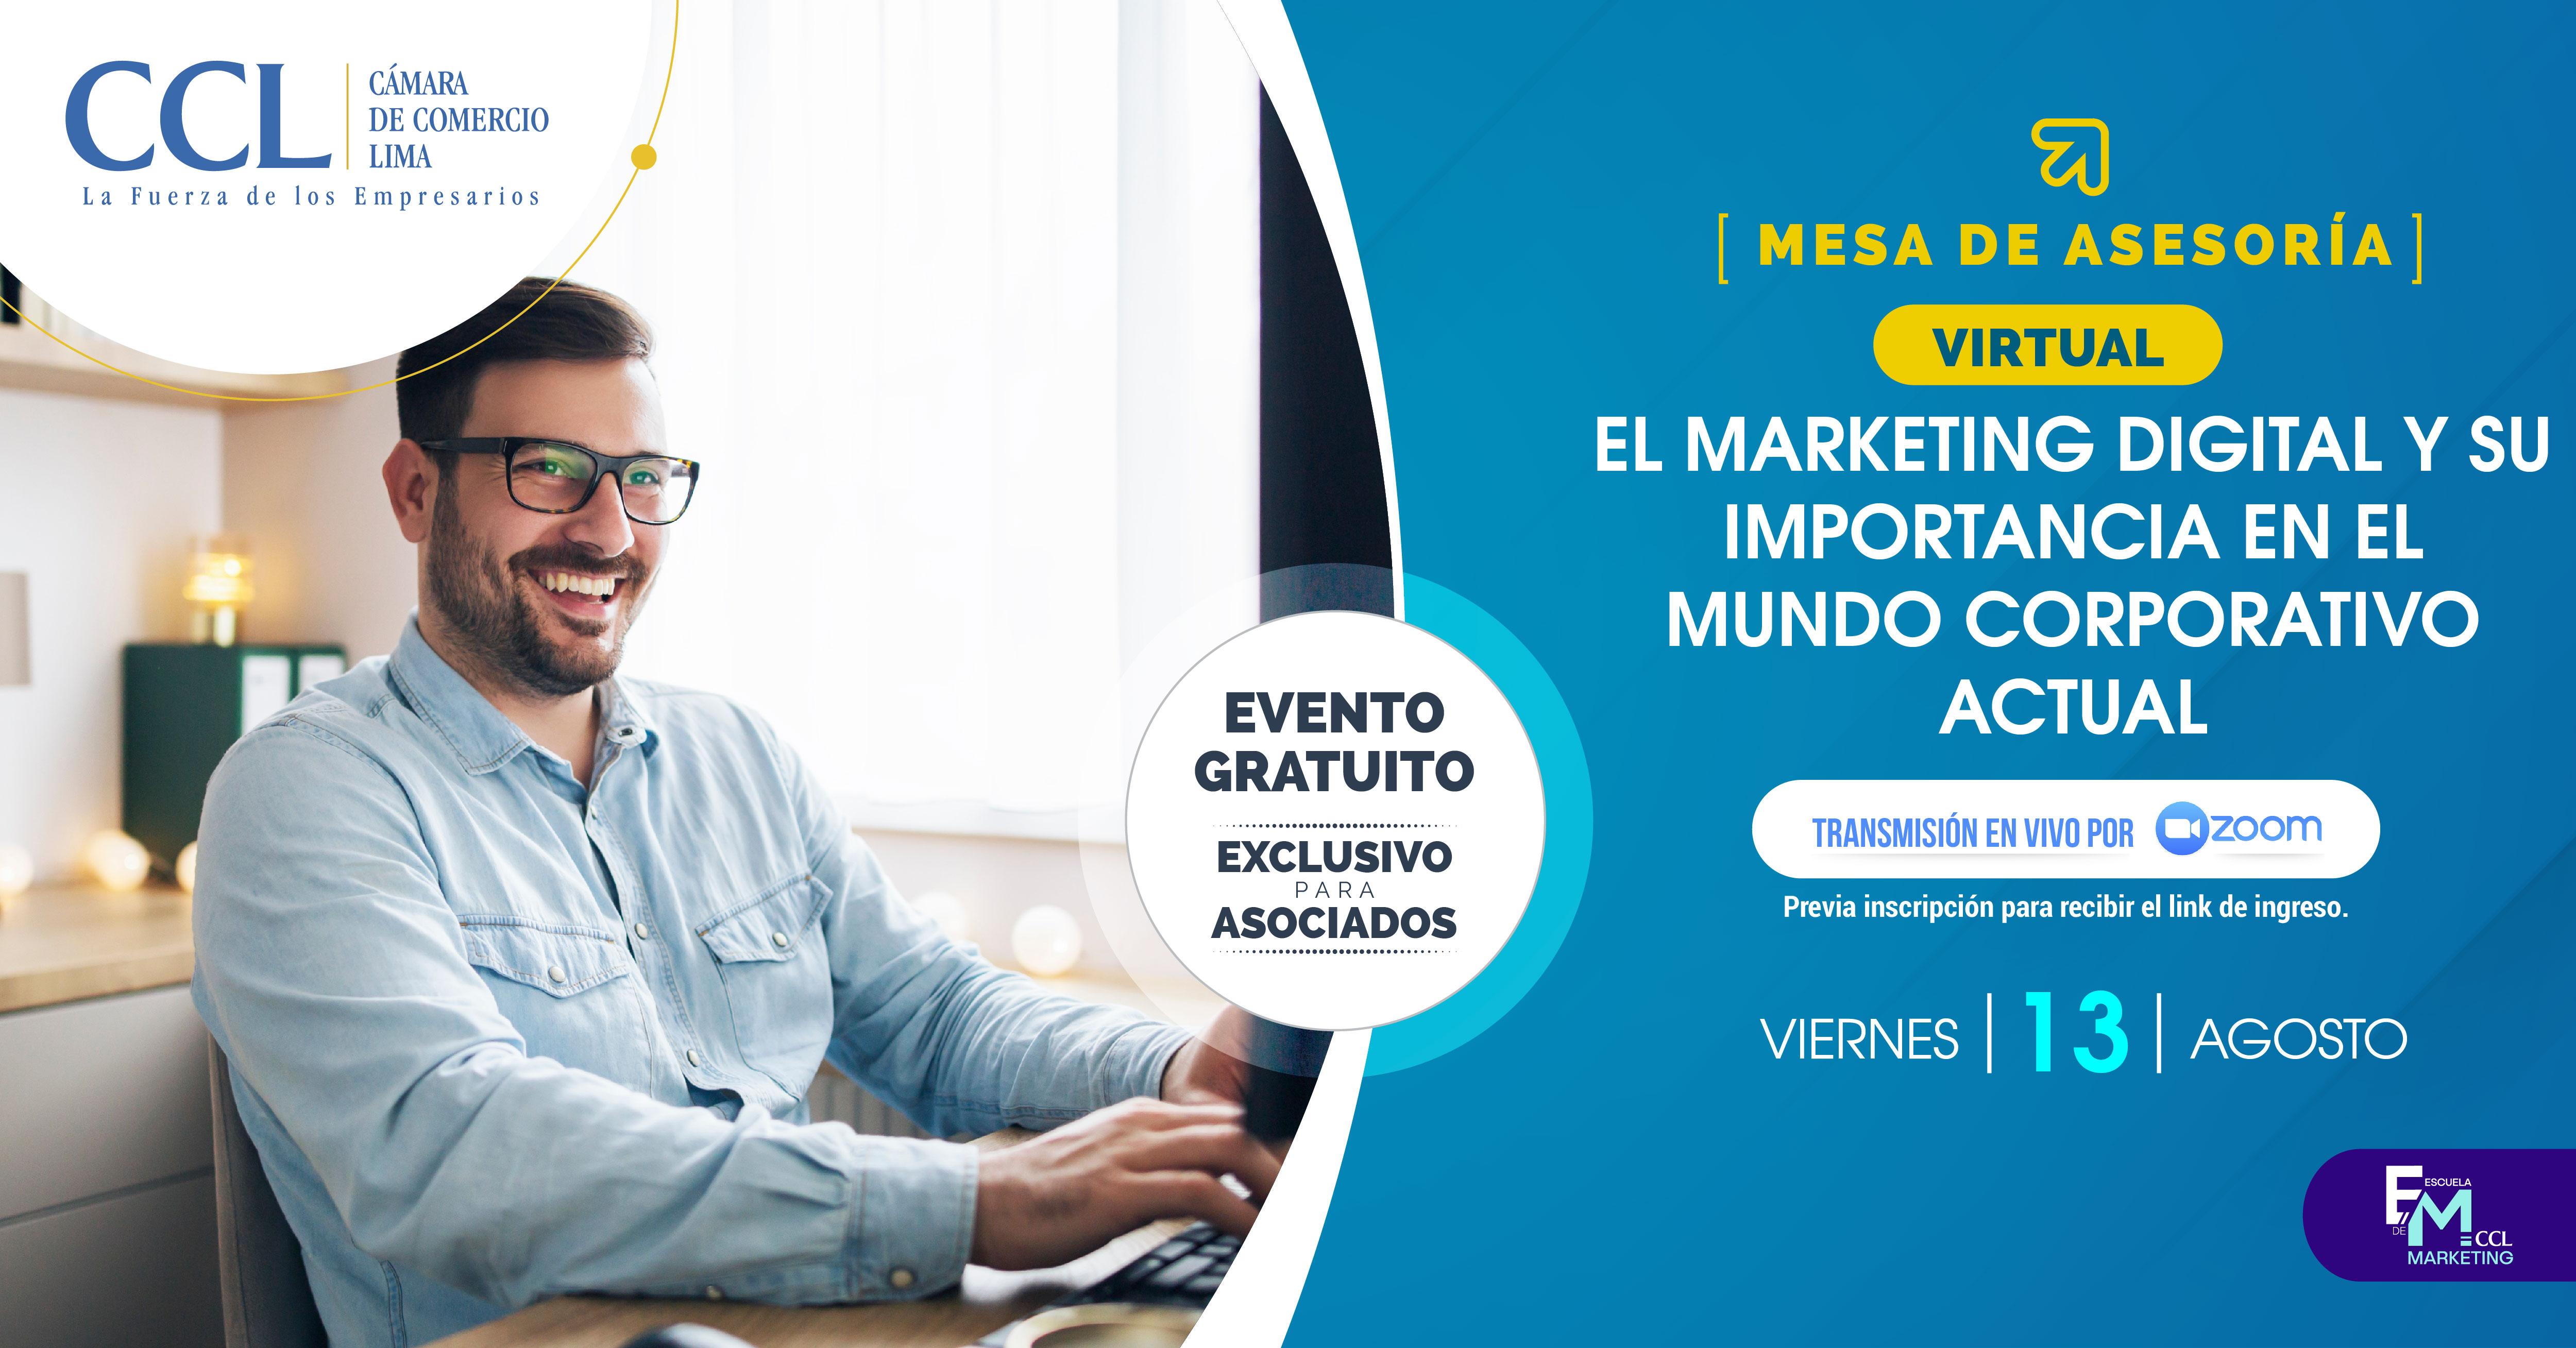 El Marketing Digital y su importancia en el mundo corporativo actual 13.08.2021